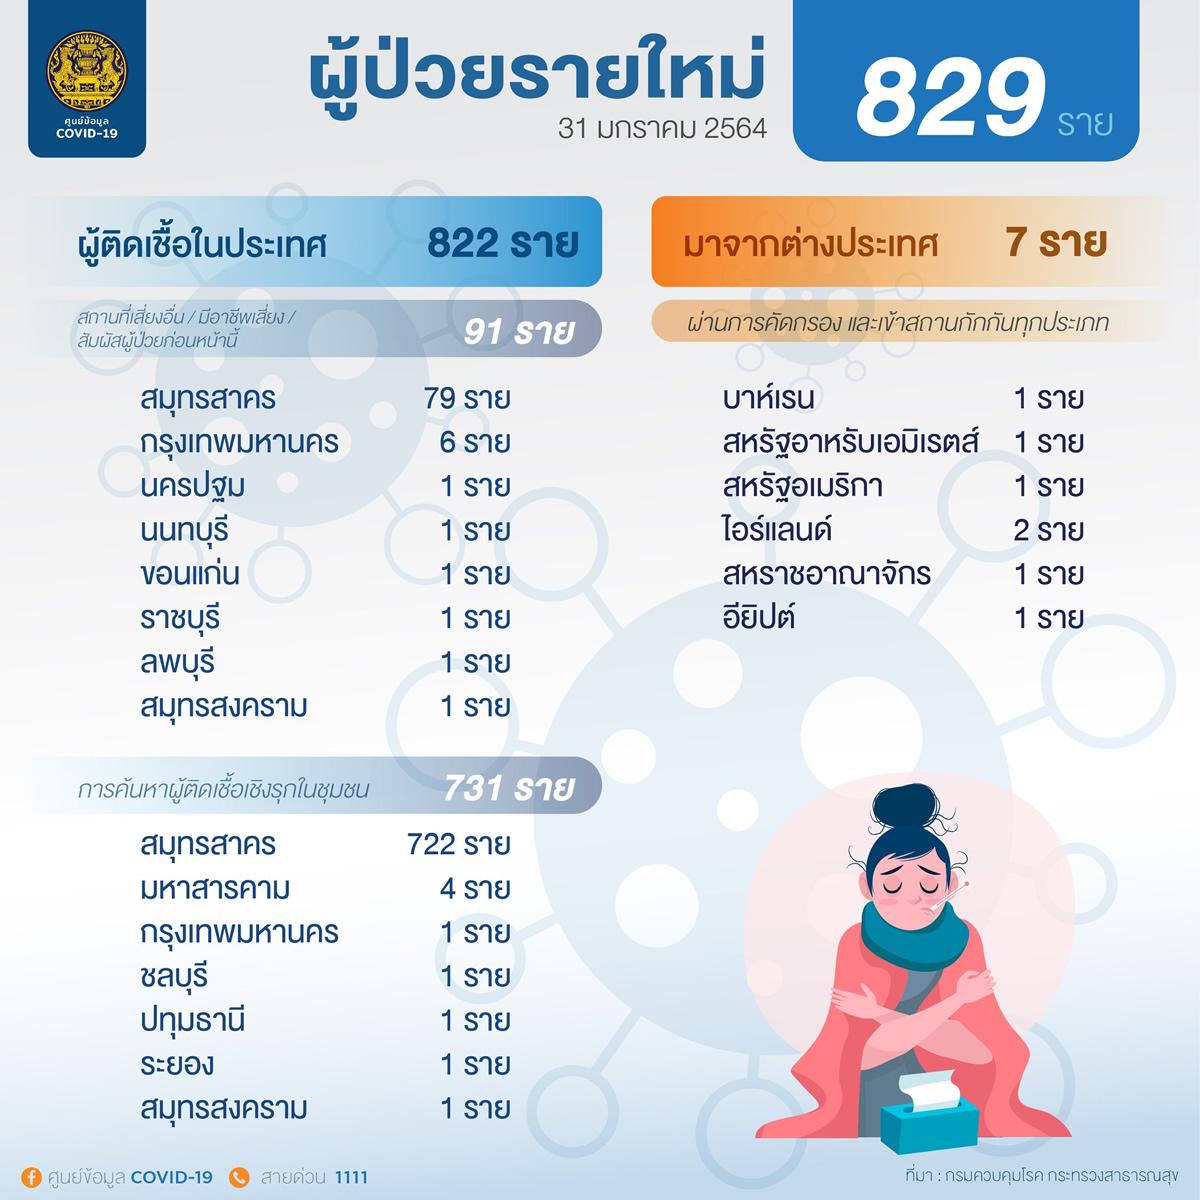 タイ国内感染は新規に822人、外国人労働者は731人[2021年1月31日発表]